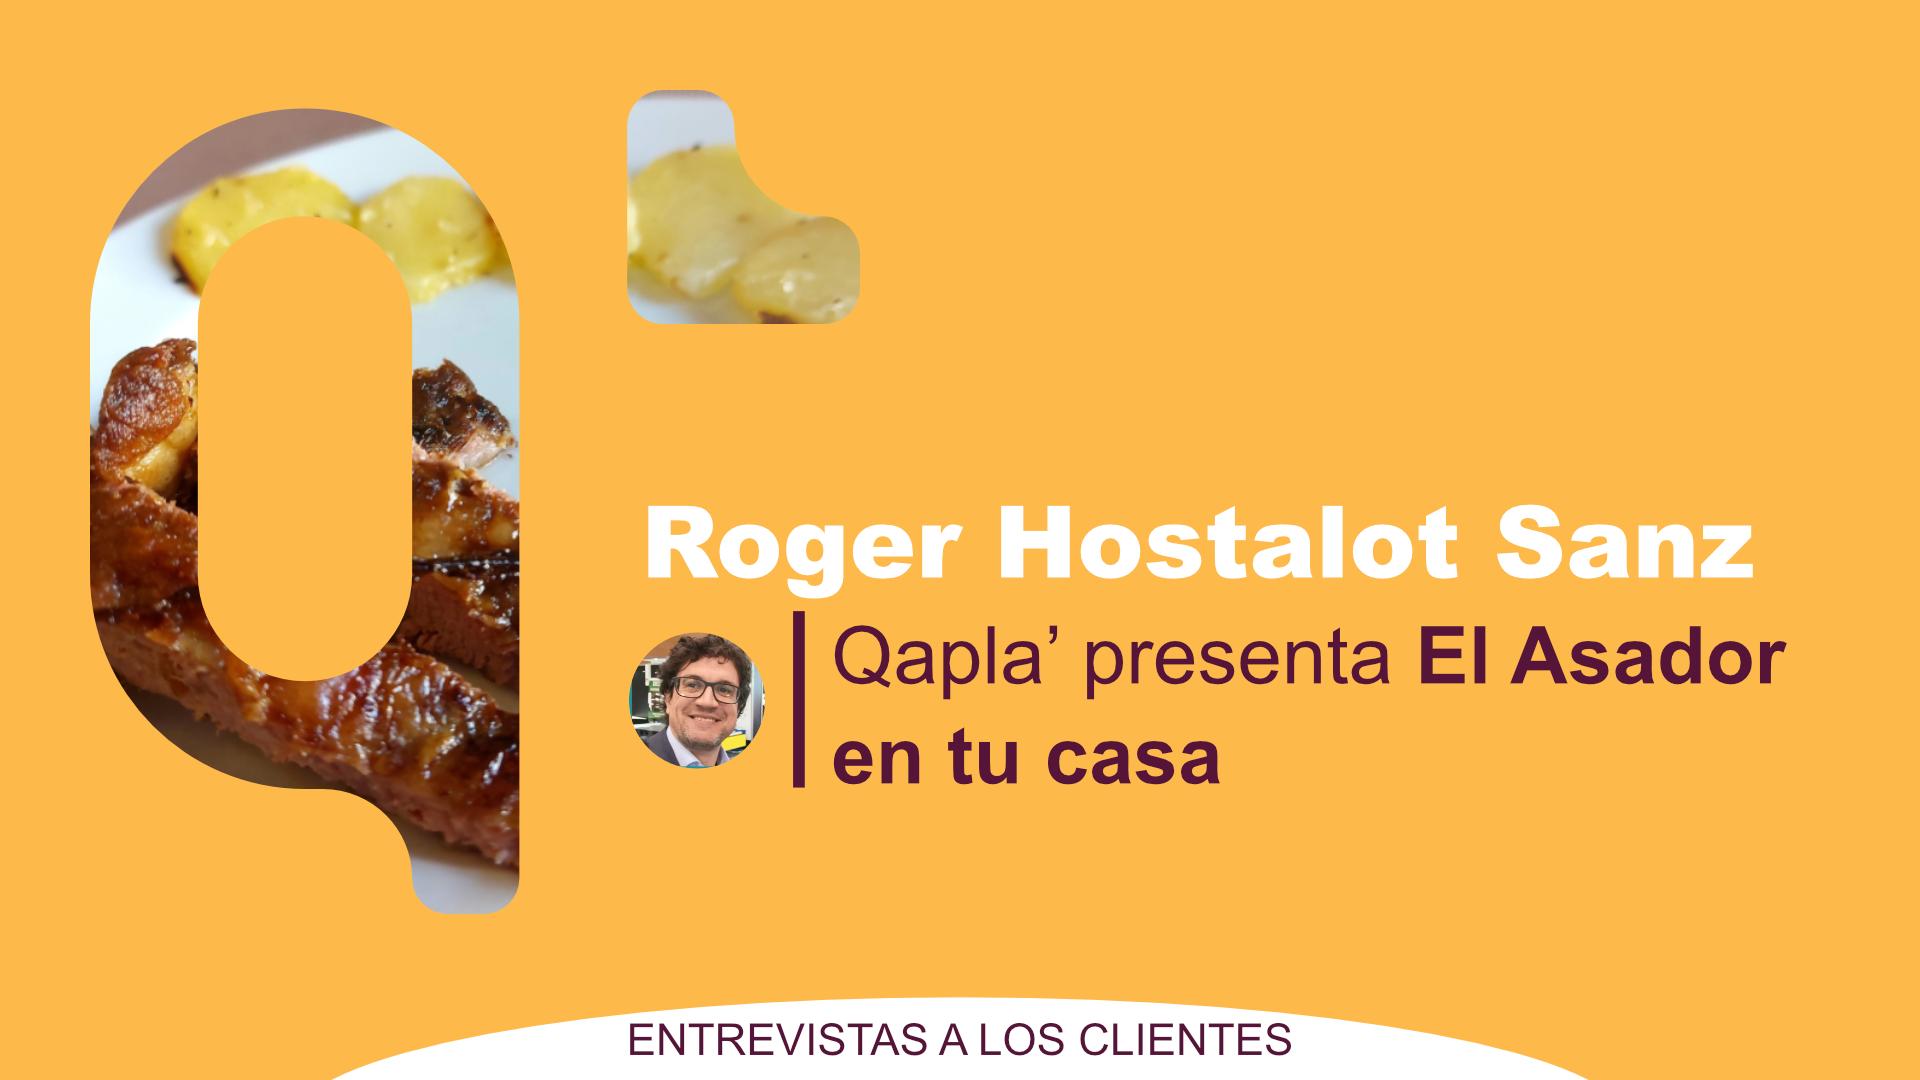 Qapla' presenta El Asador en Tu Casa: Entrevista a Roger Hostalot